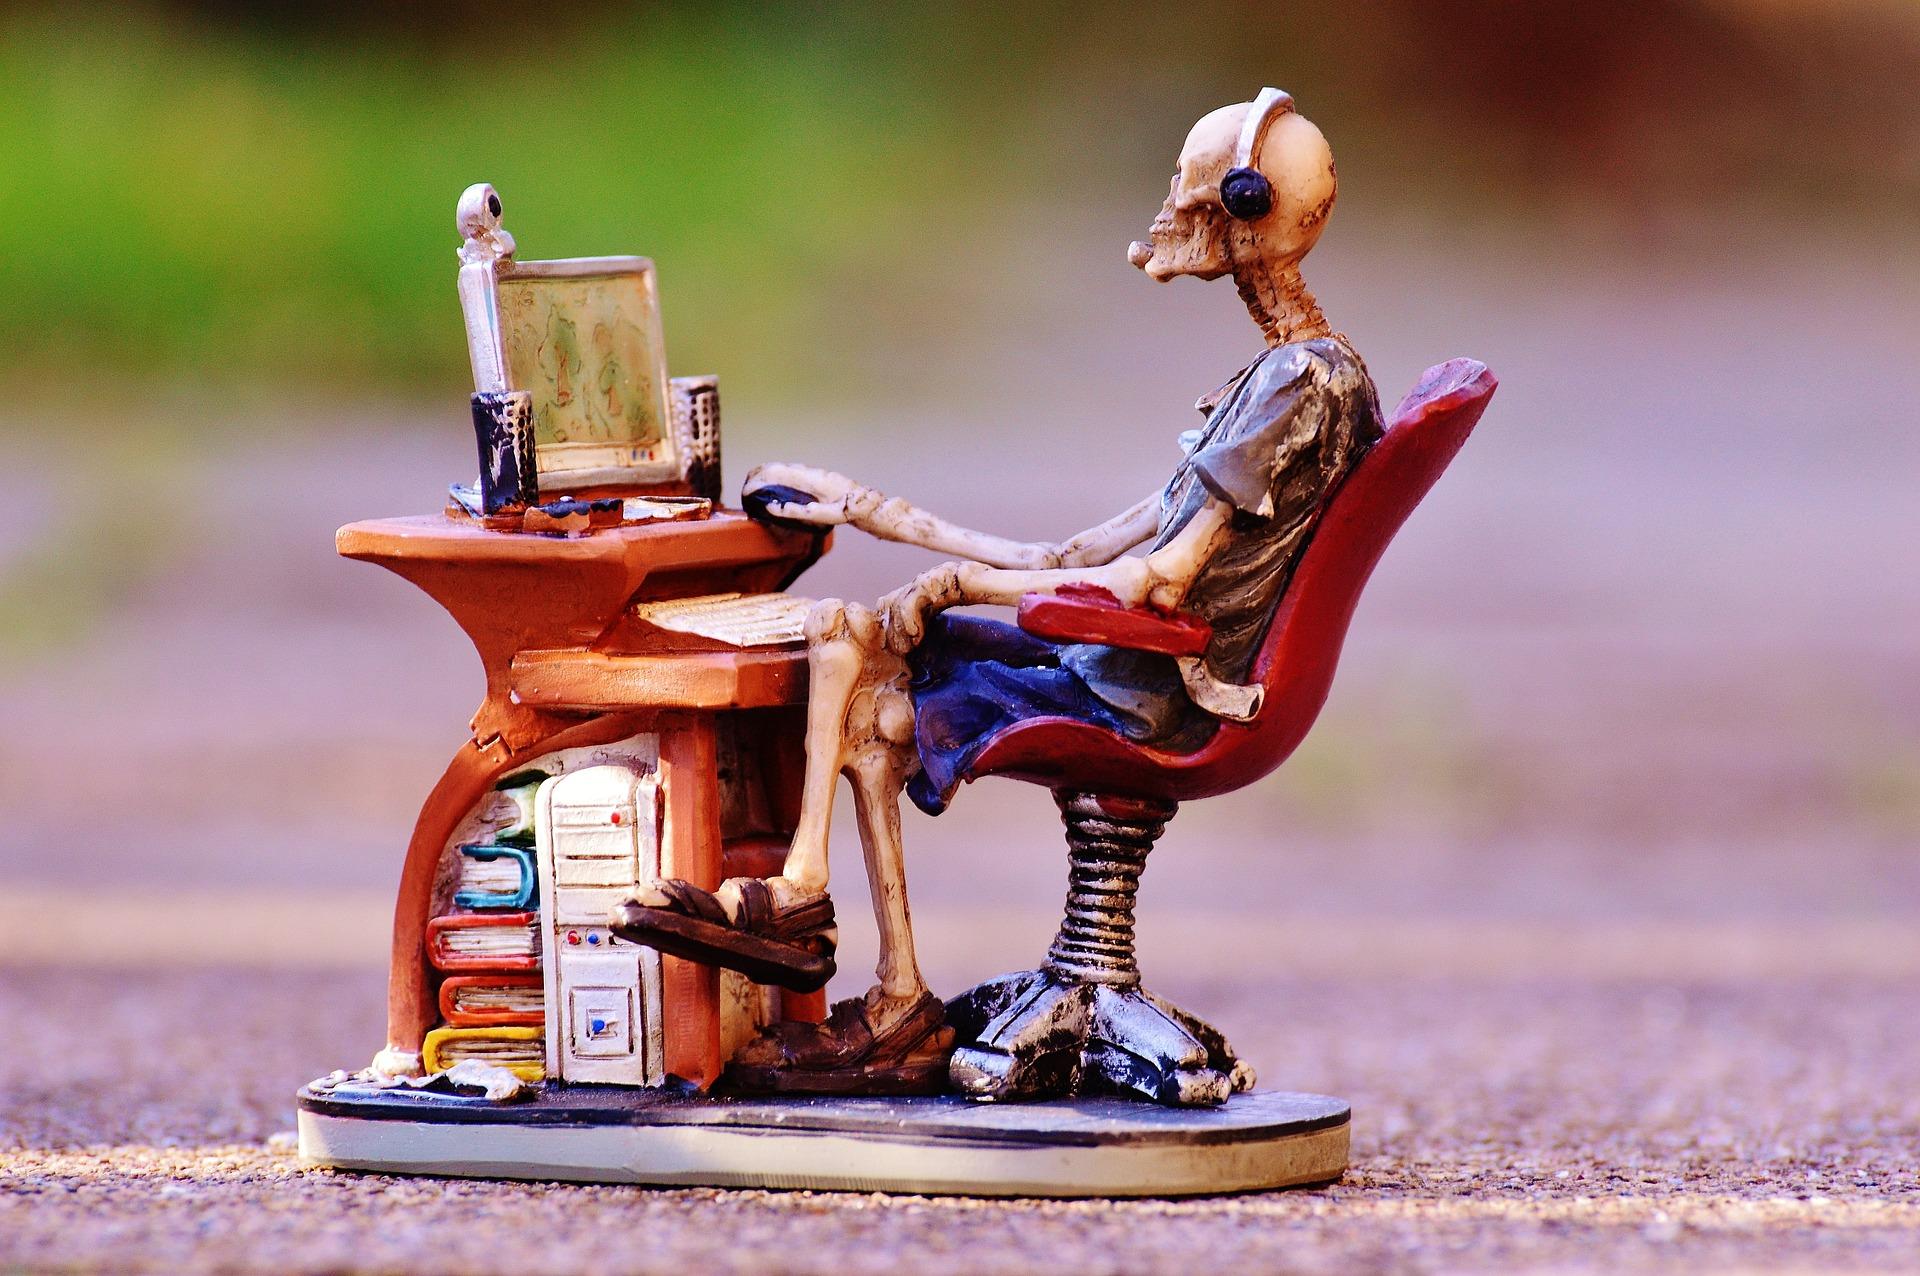 Evita el Sedentarismo usando Internet